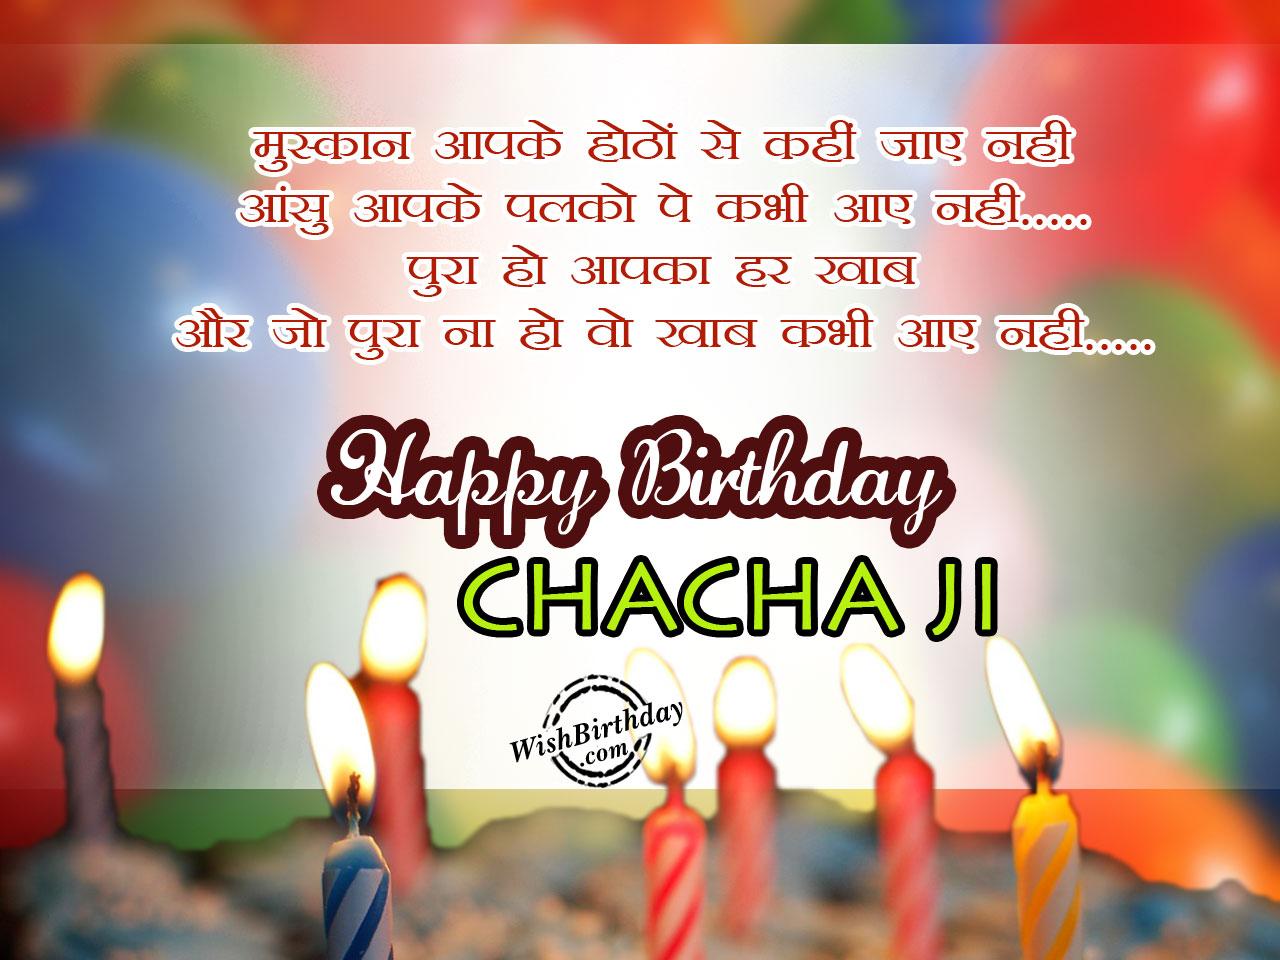 Happy Birthday Chacha Ji